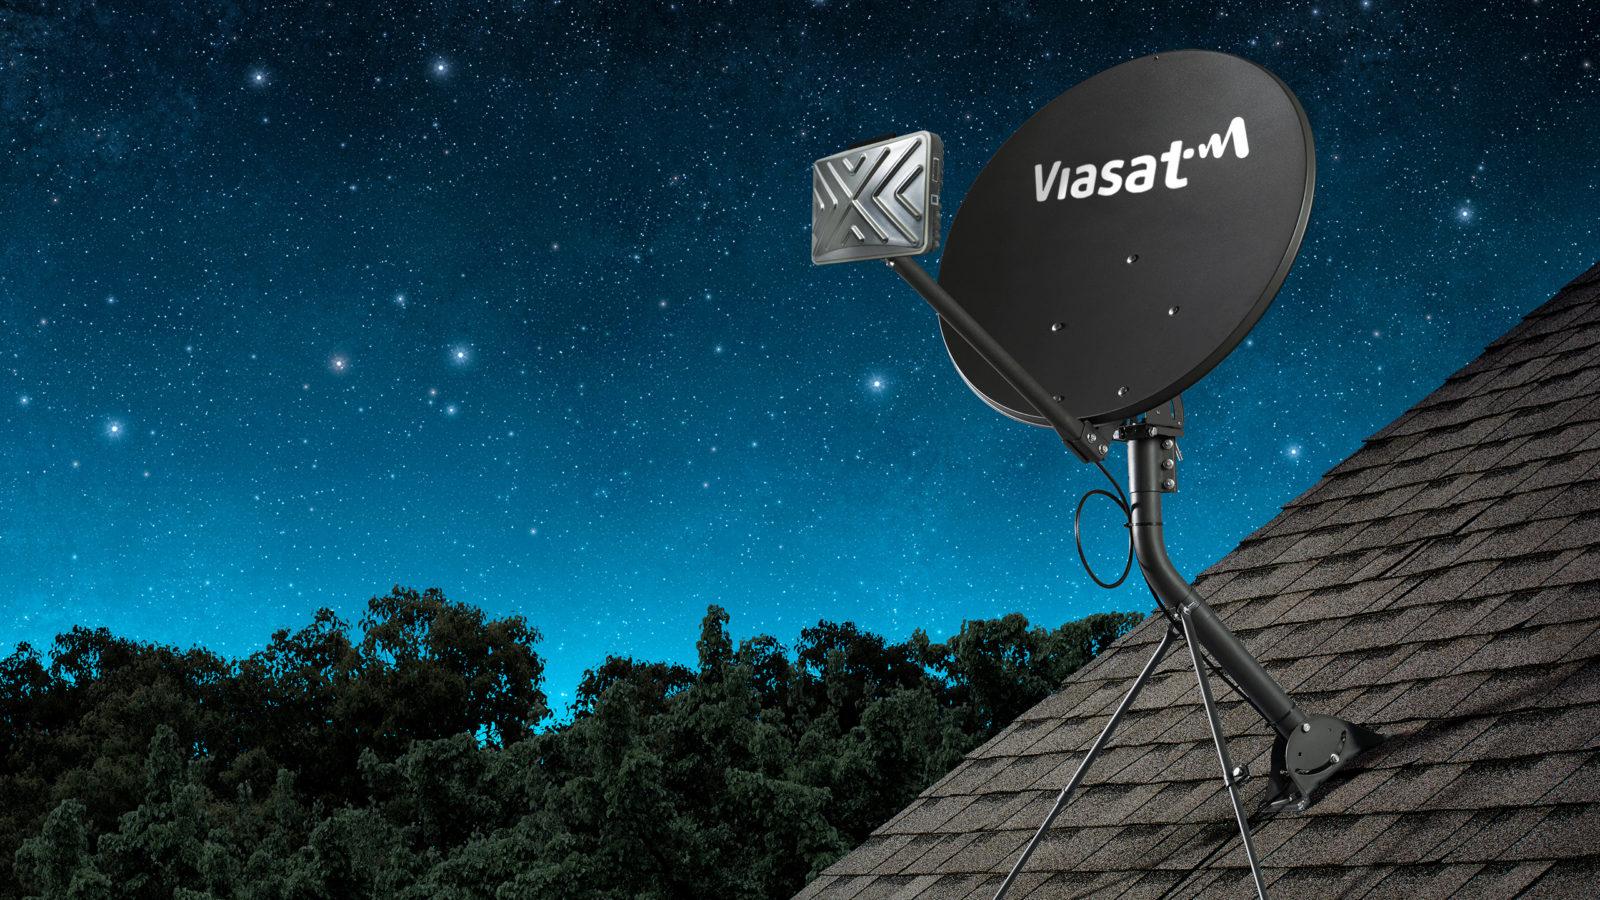 Суд отклонил требования Viasat по приостановке запусков спутников Starlink